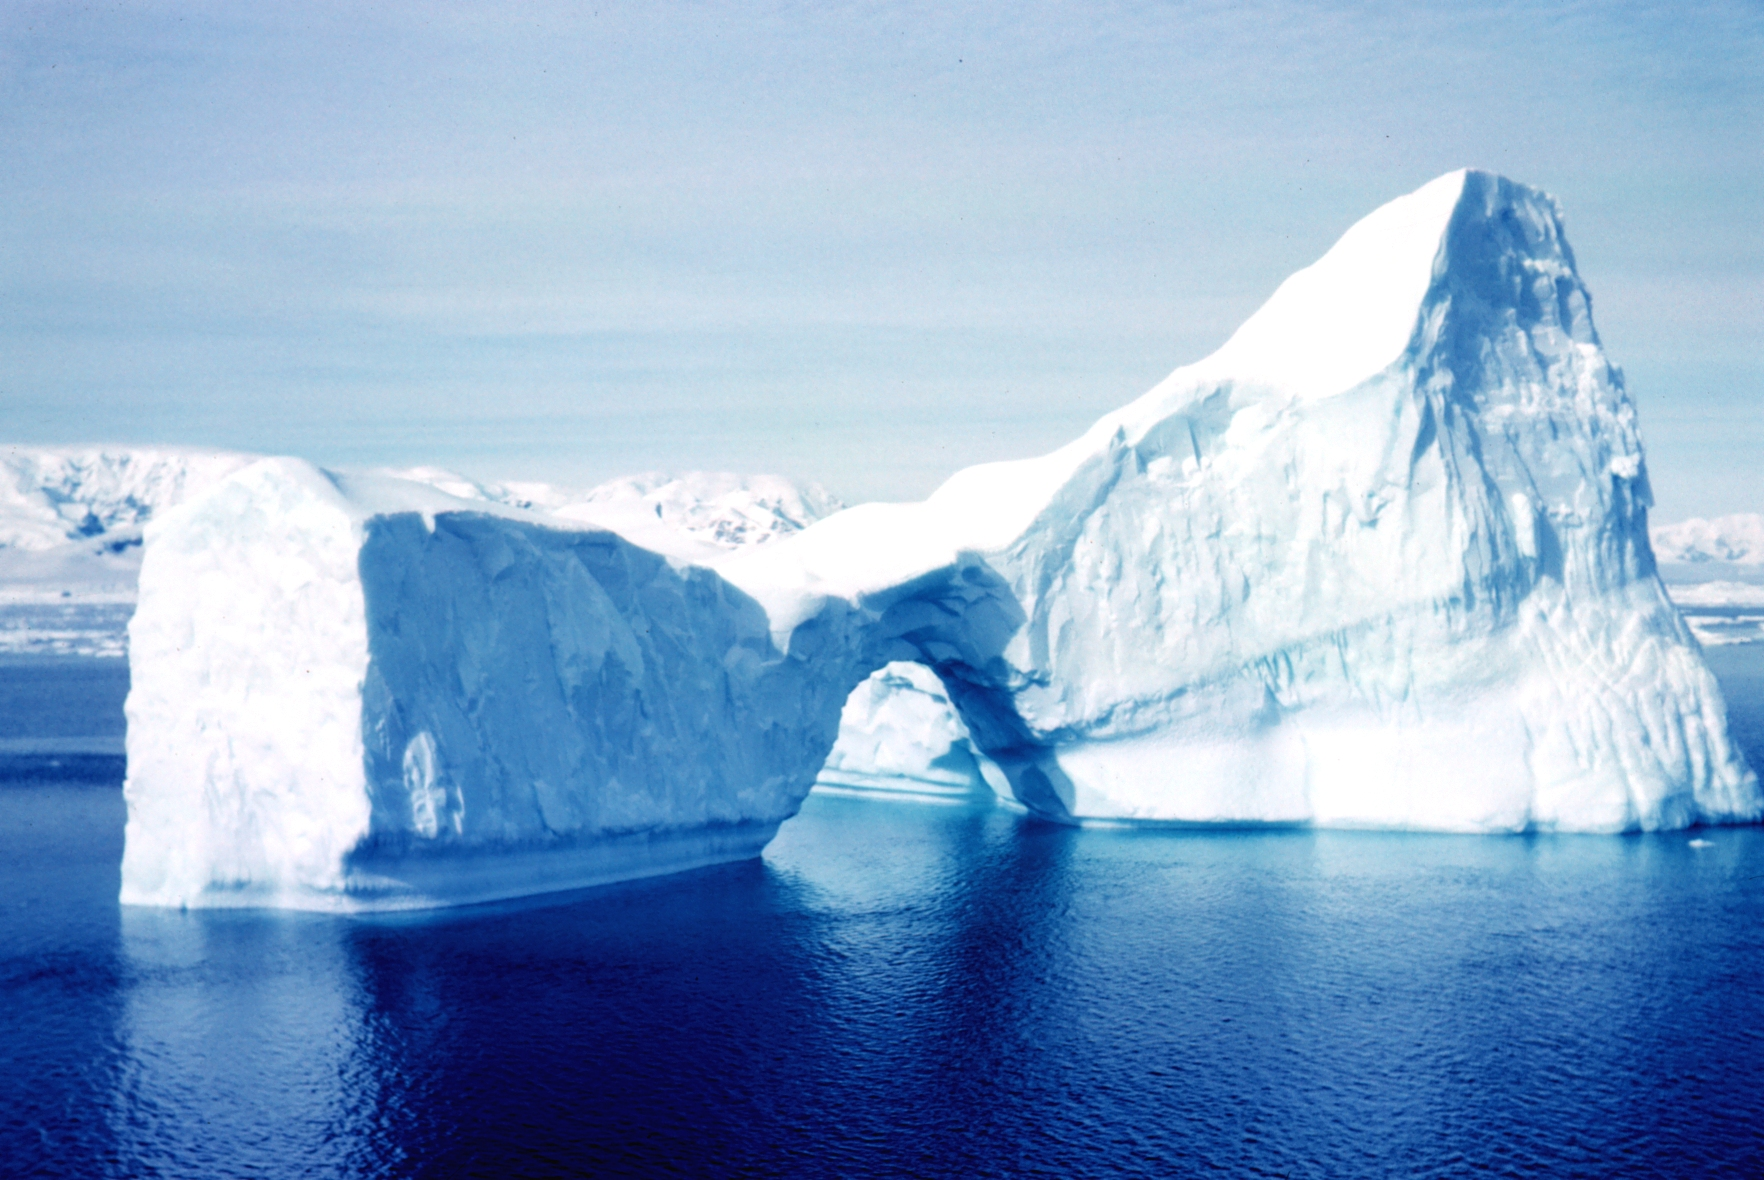 Image of an iceburg at sea.